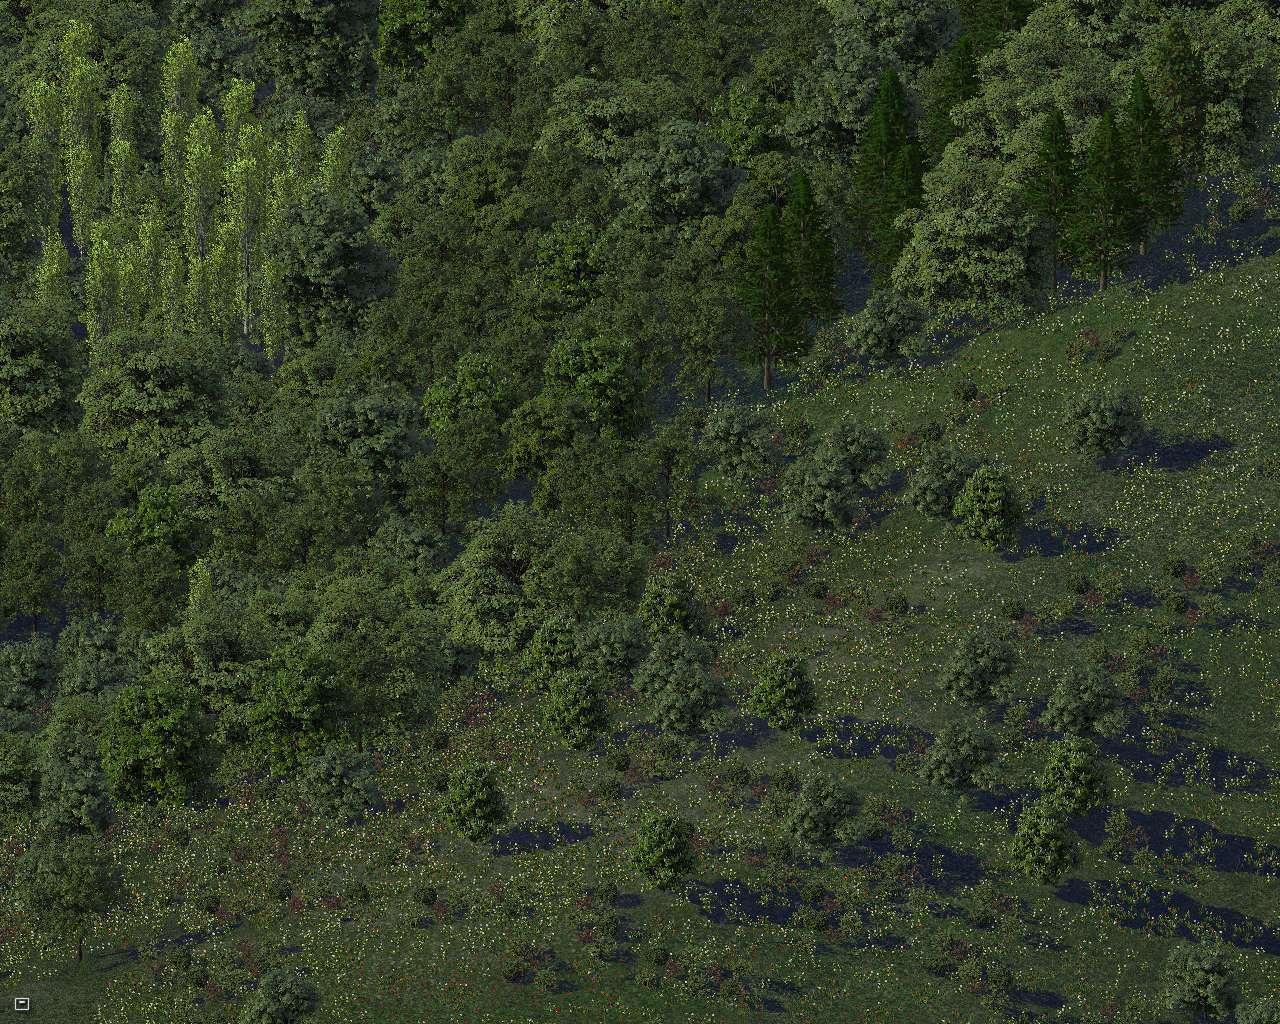 trees4%209.jpg?psid=1